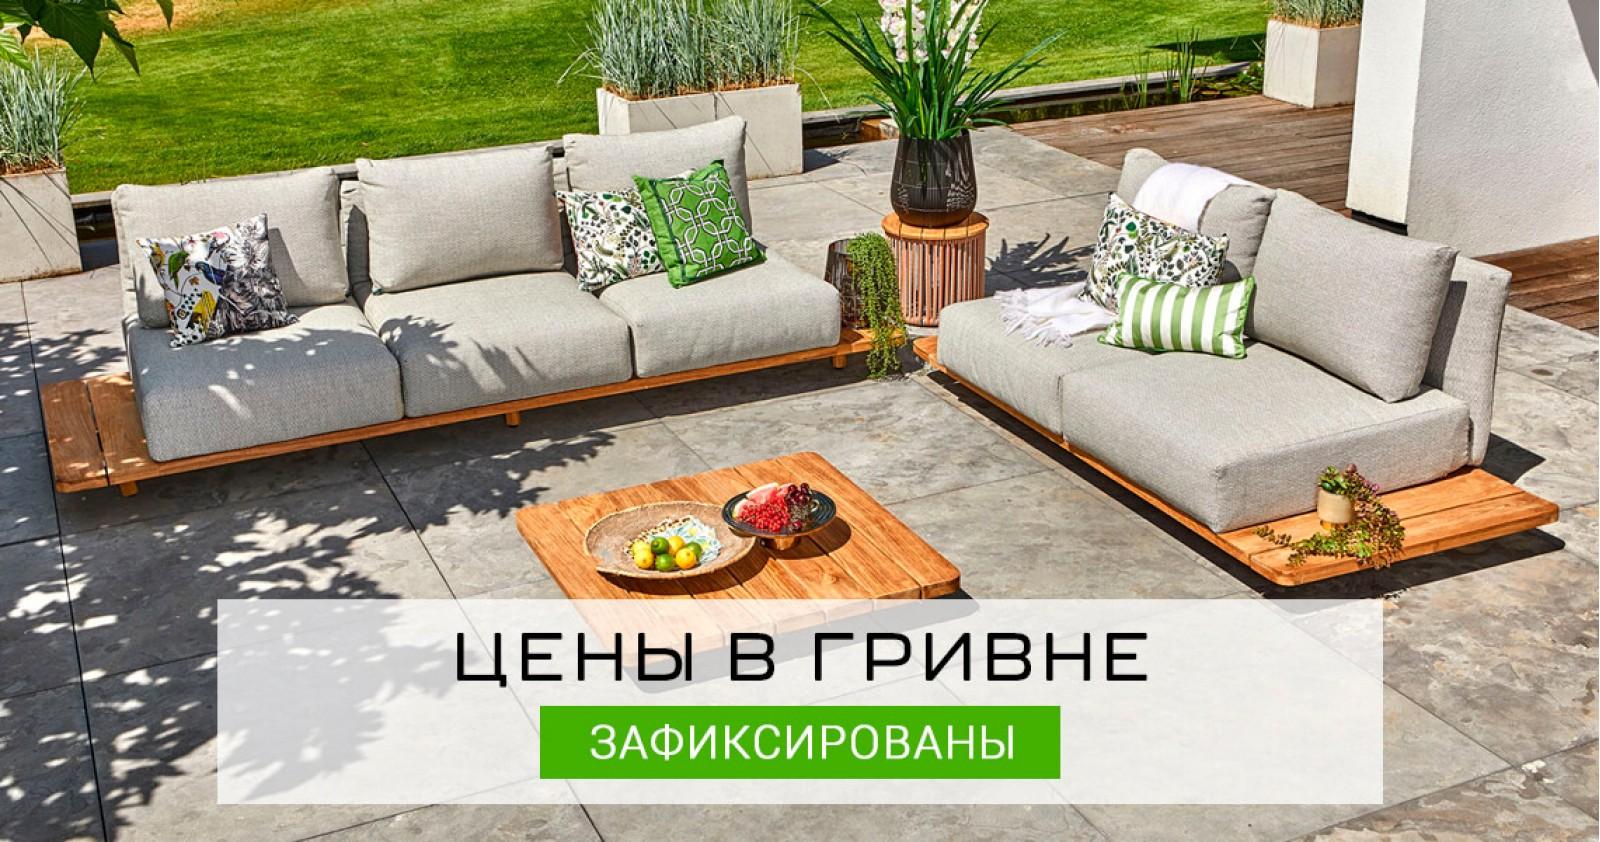 Цены в гривне зафиксированы | Kolibry Luxury Outdoor